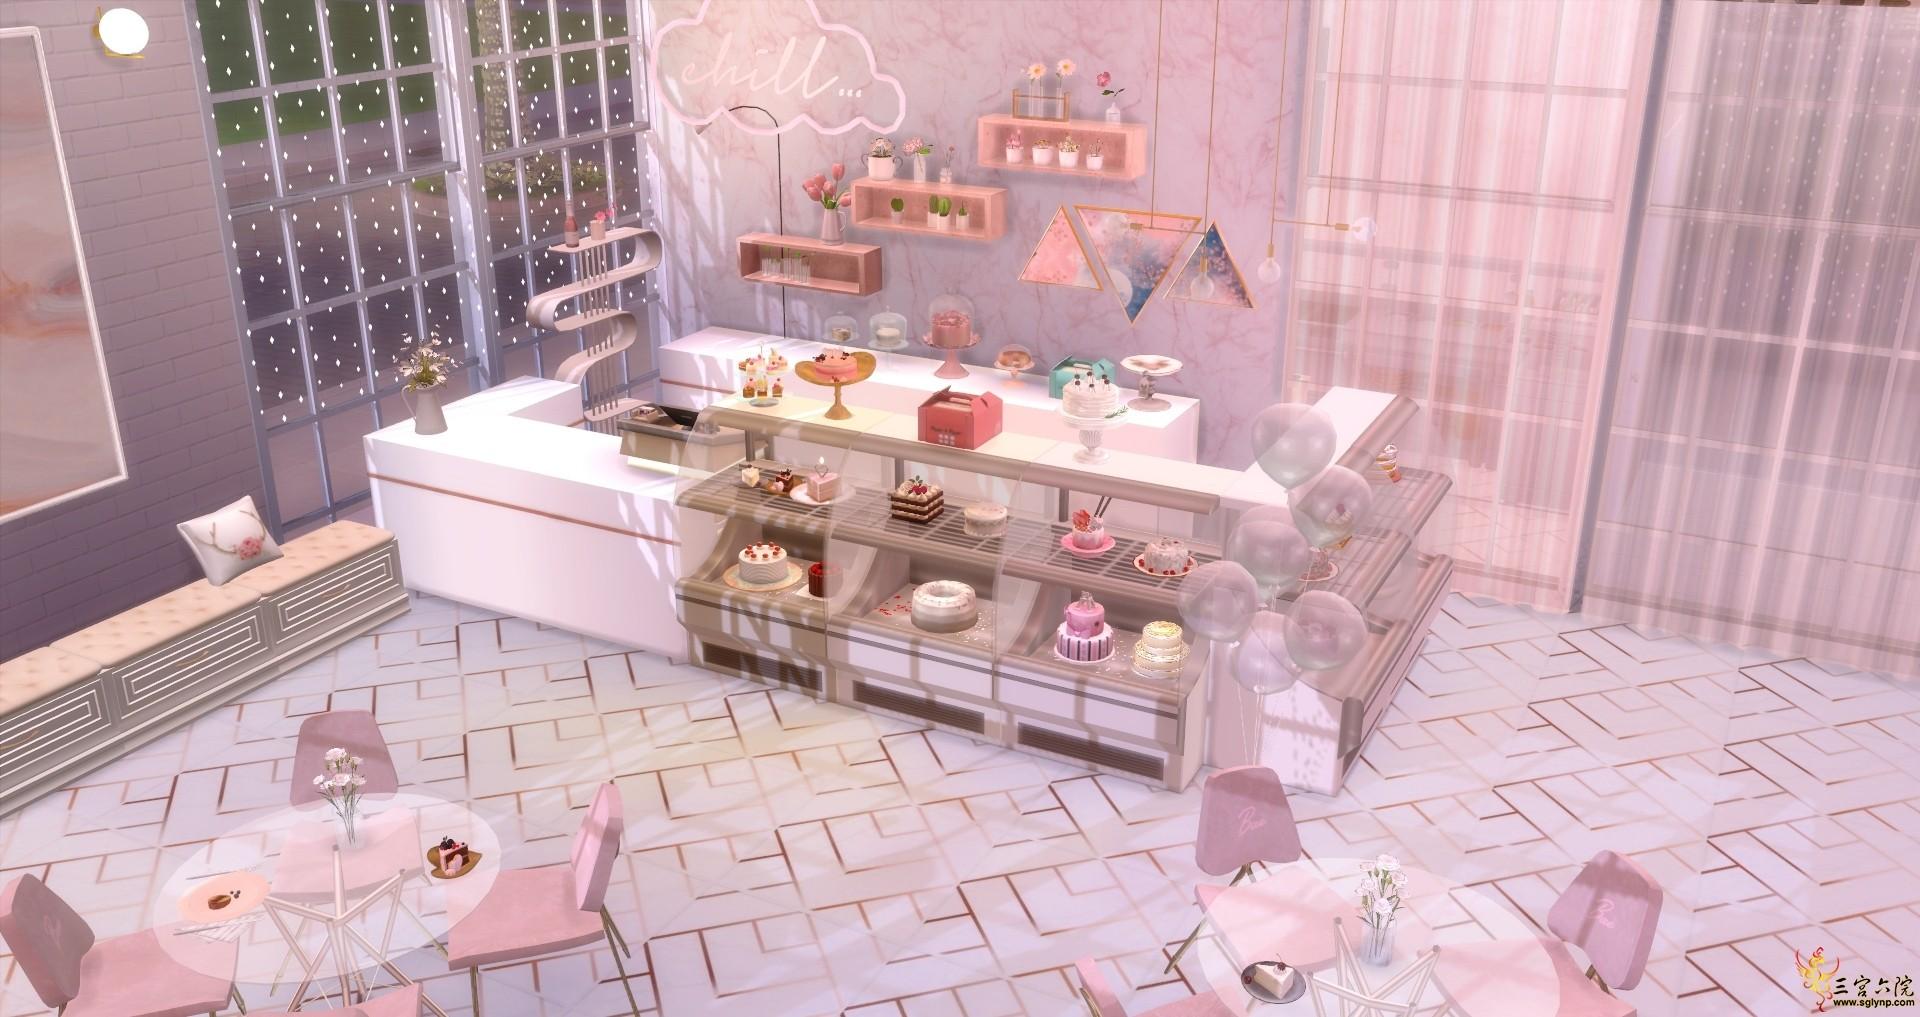 果酒粉色网红风蛋糕店&猫咖&餐厅商住两用版IMG_3471(20200704-095843).jpg